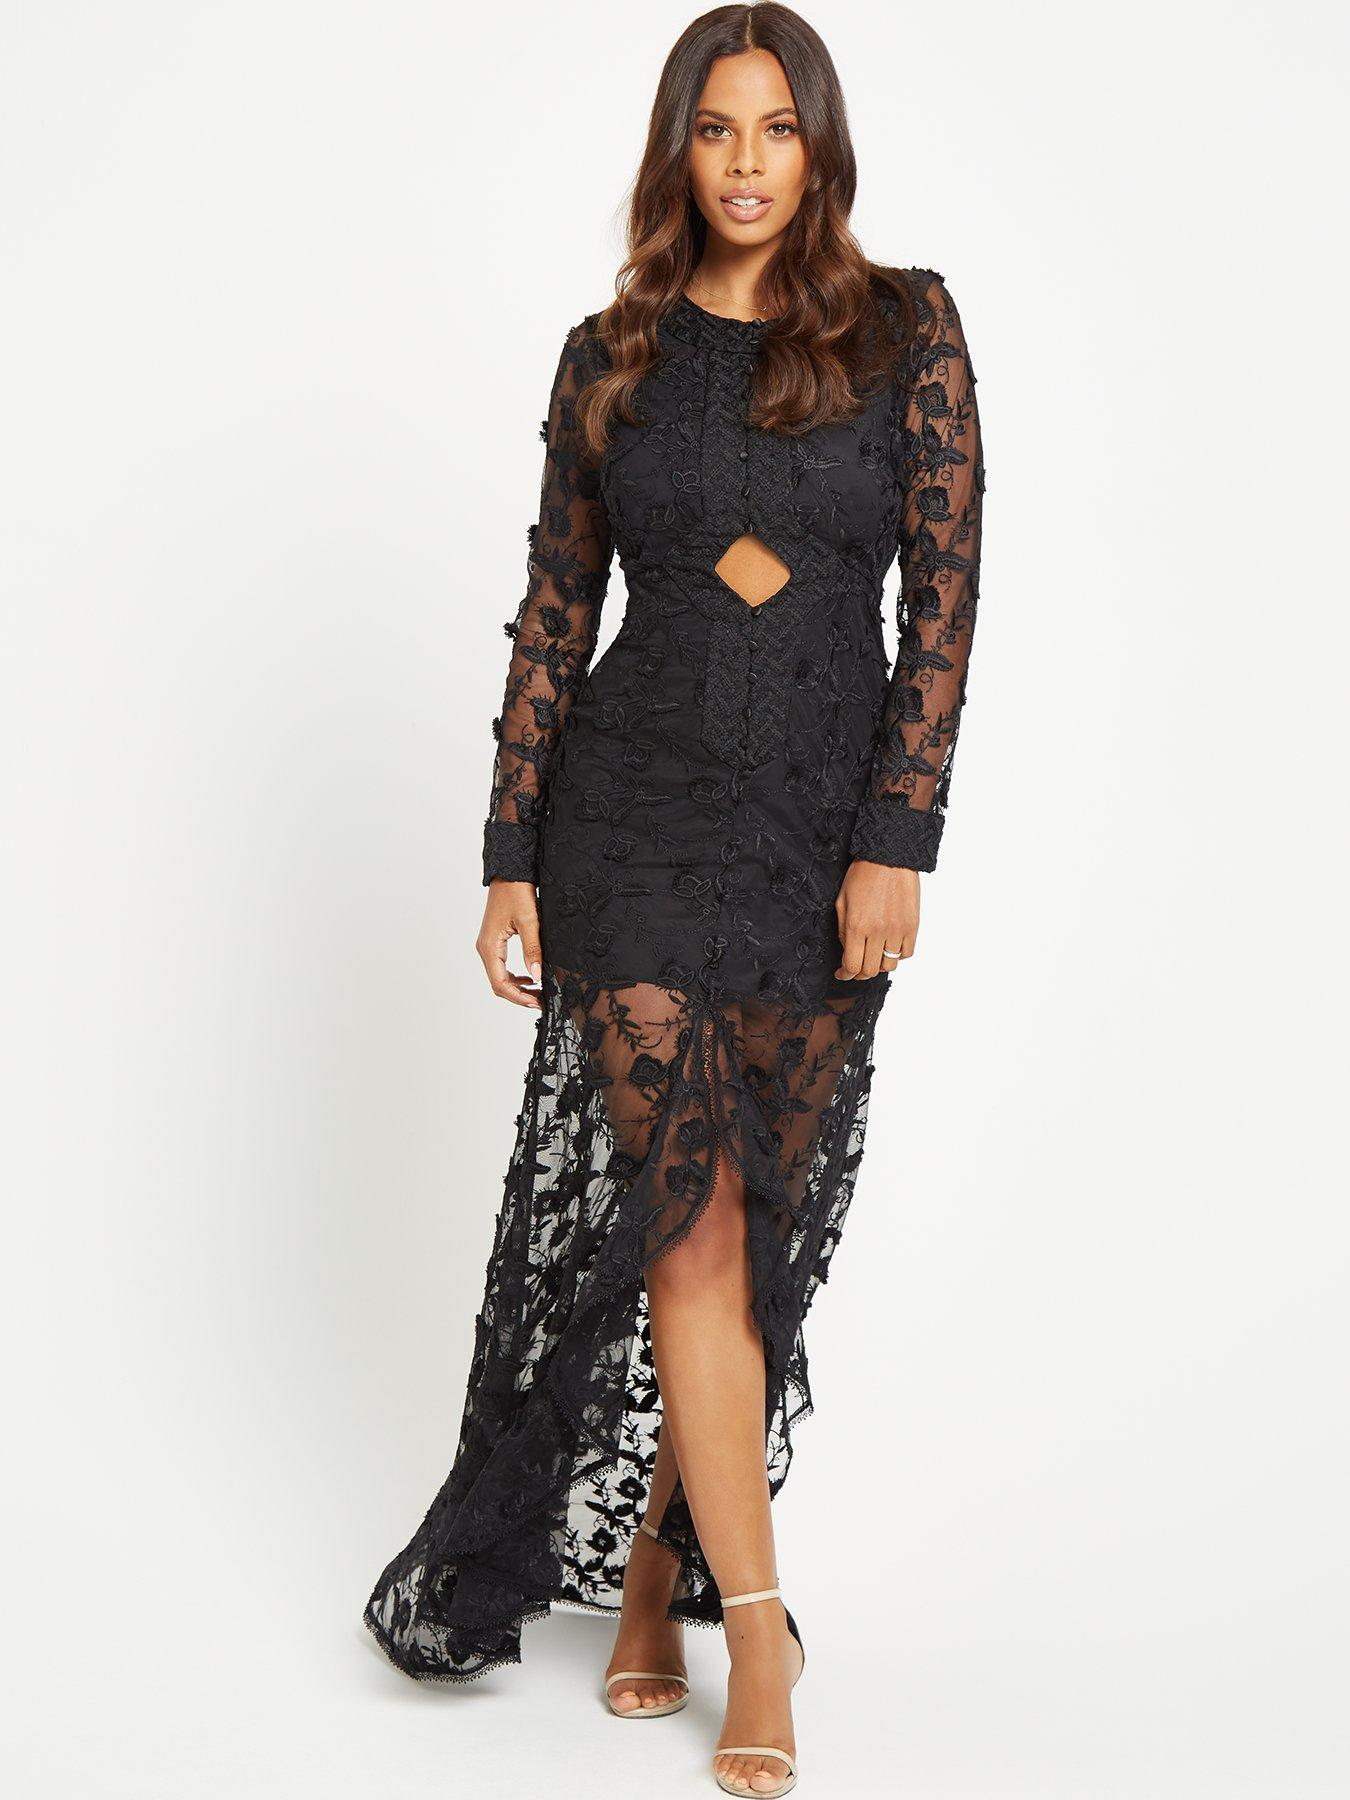 Rochelle black lace dress monsoon